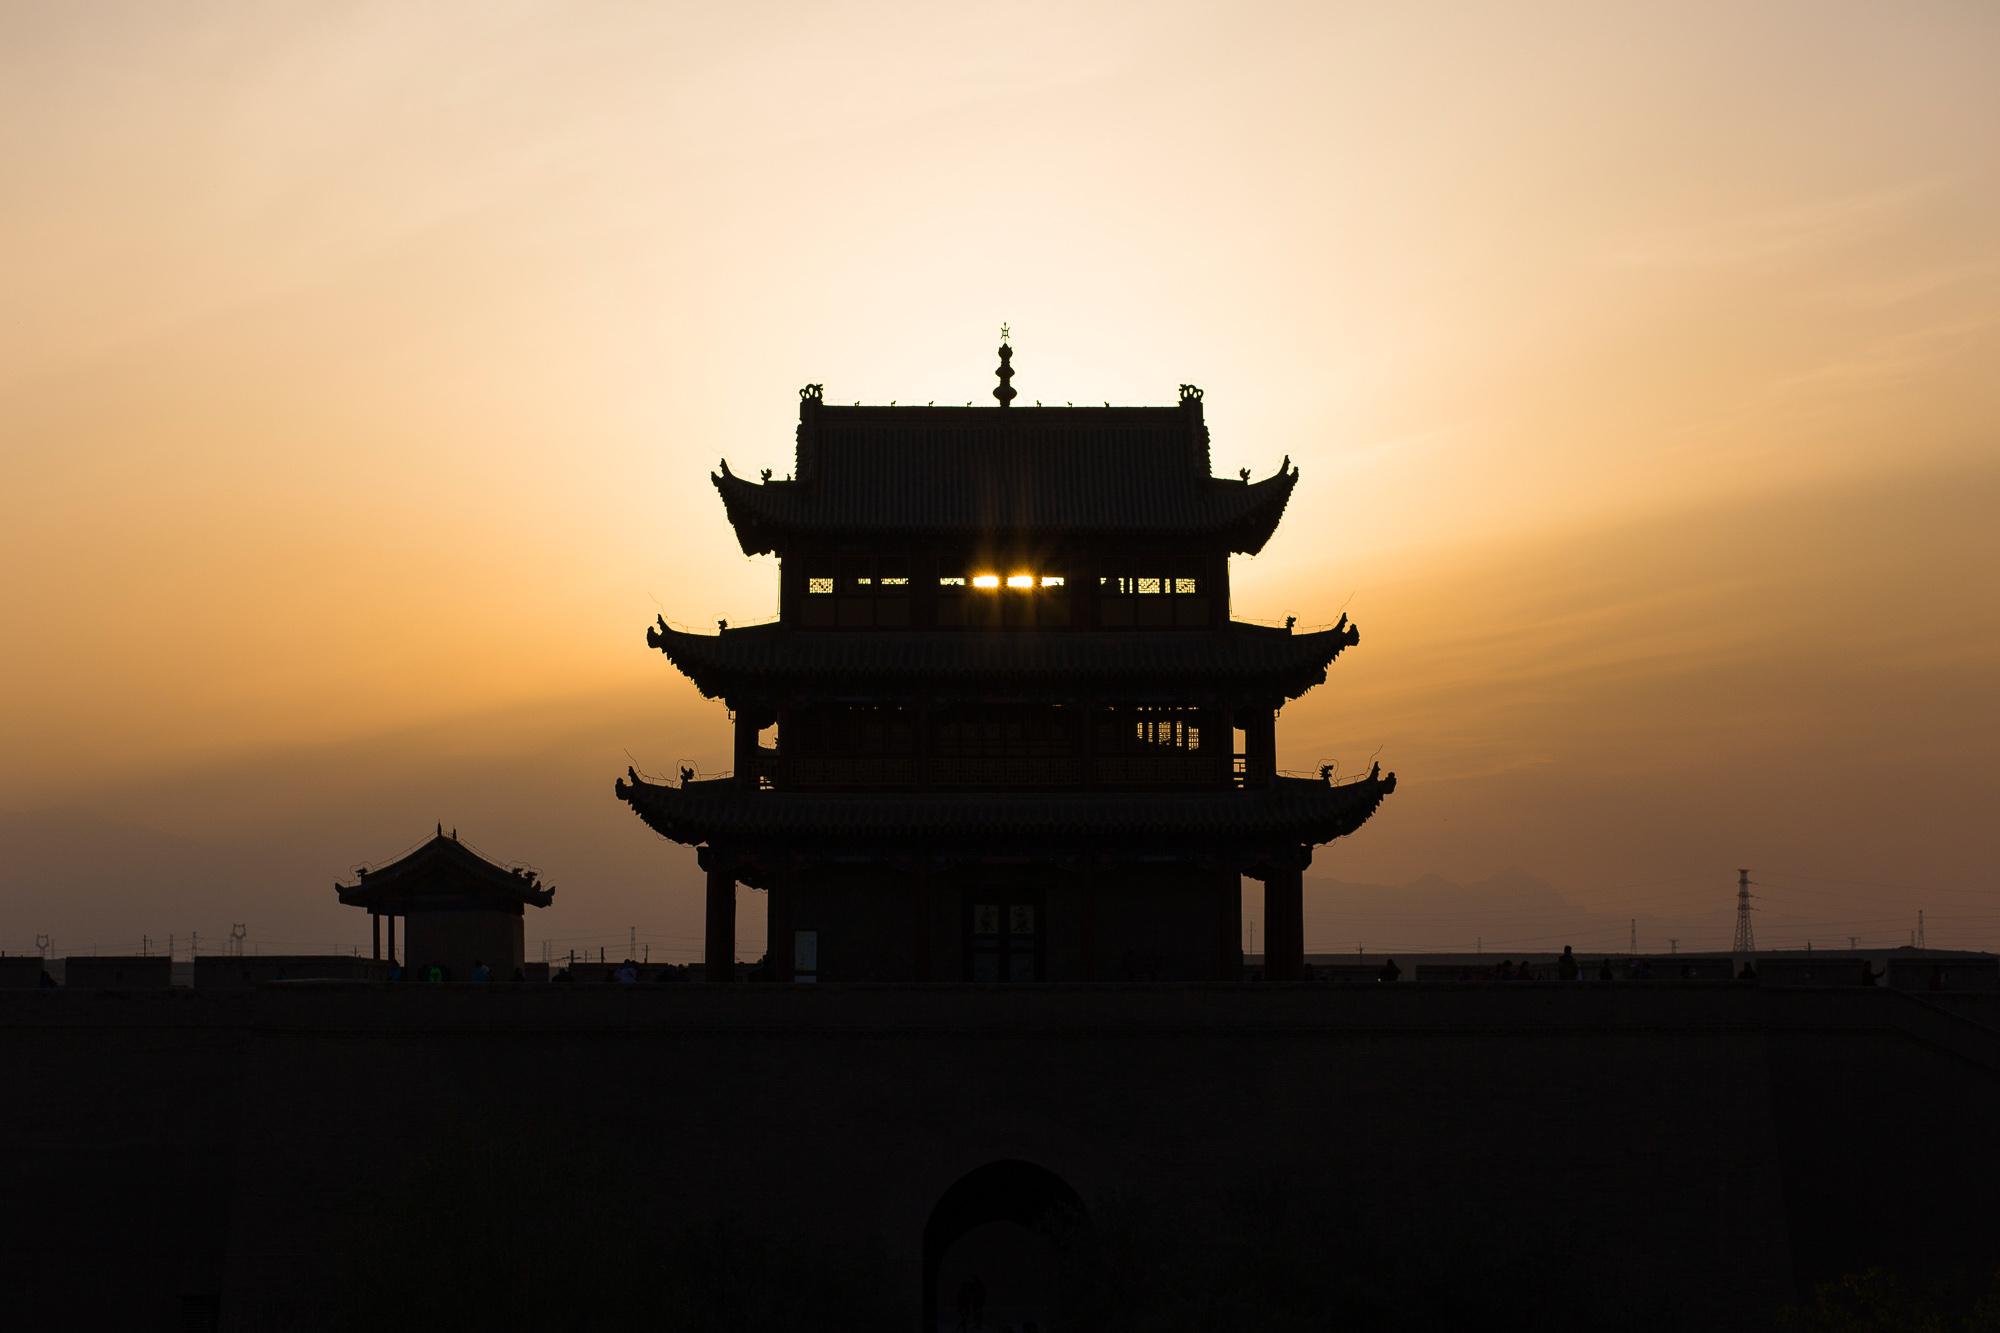 Réalisé en Asie par Pierre Desrumeaux - photographe documentaire